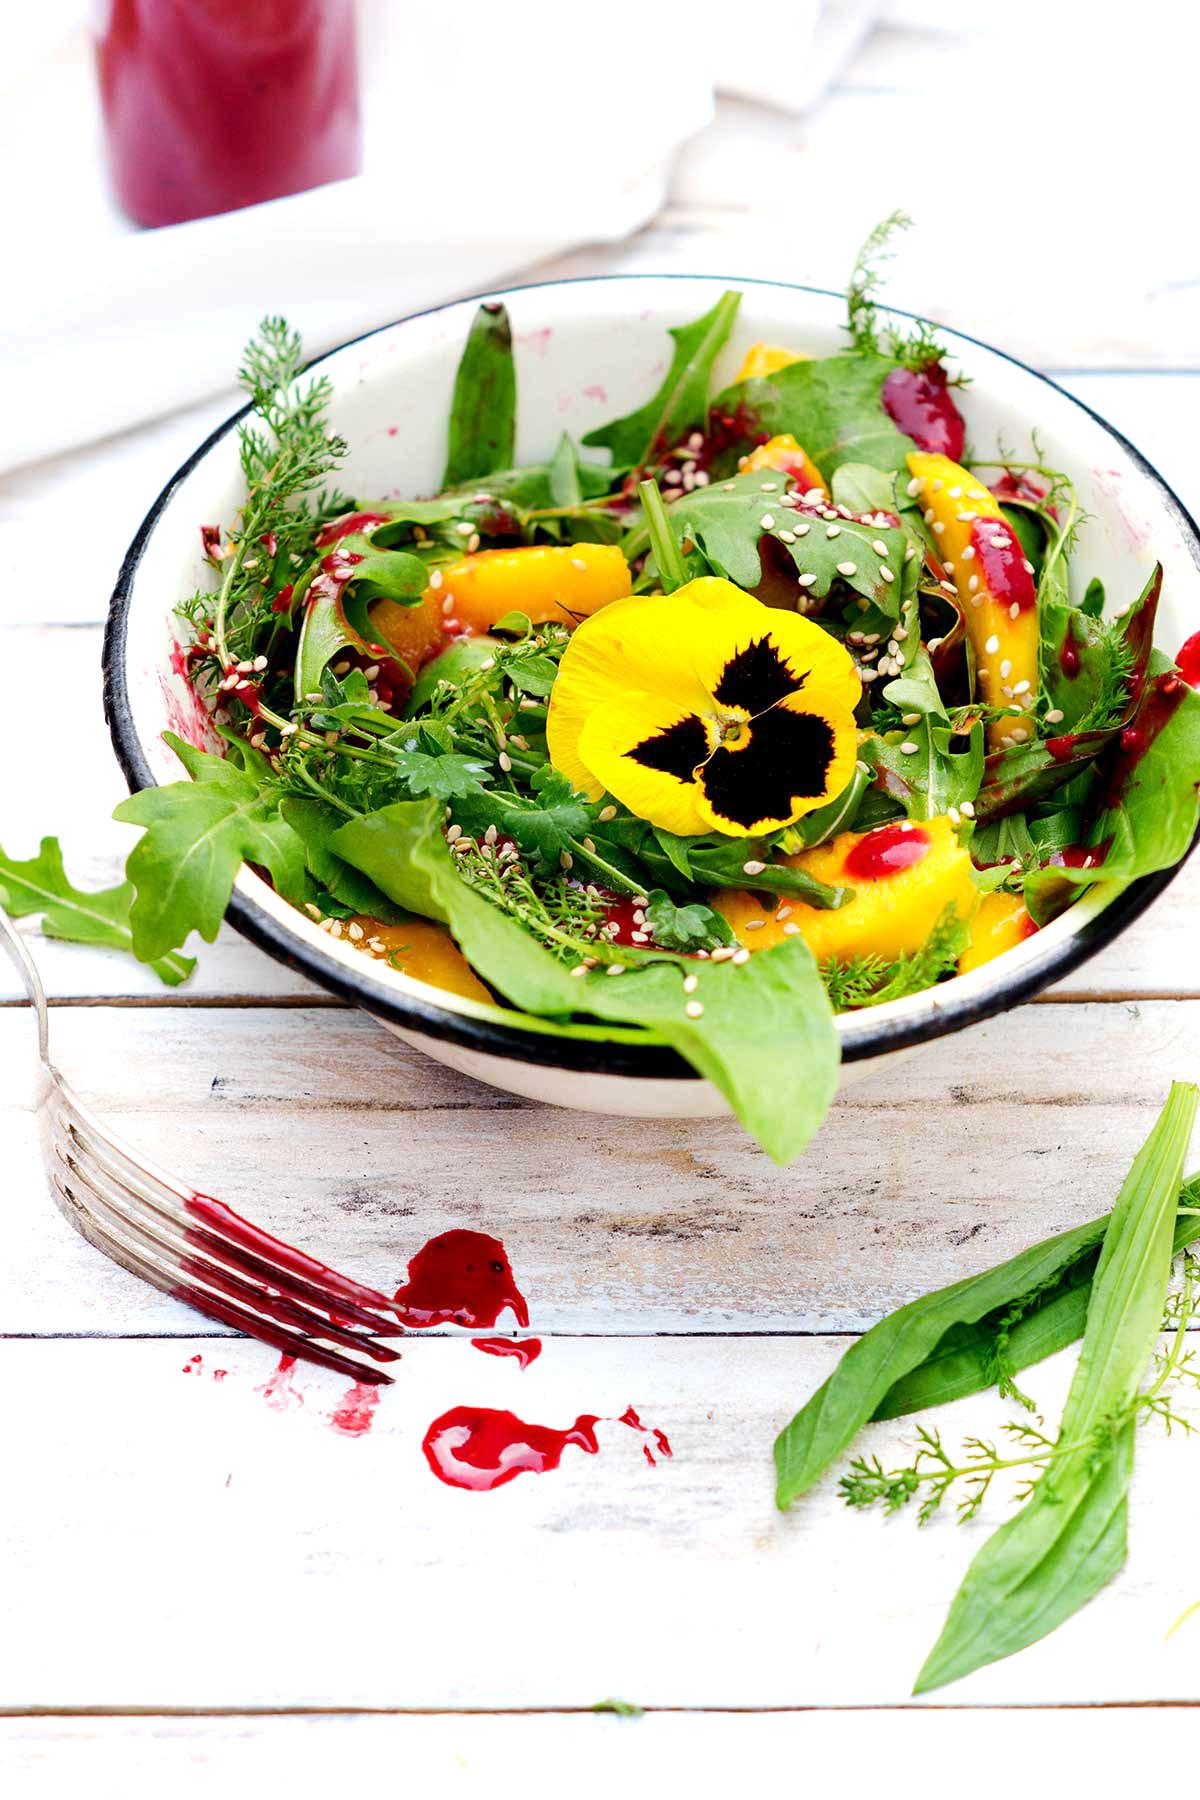 Salat mit rotem Dressing in einer Schüssel